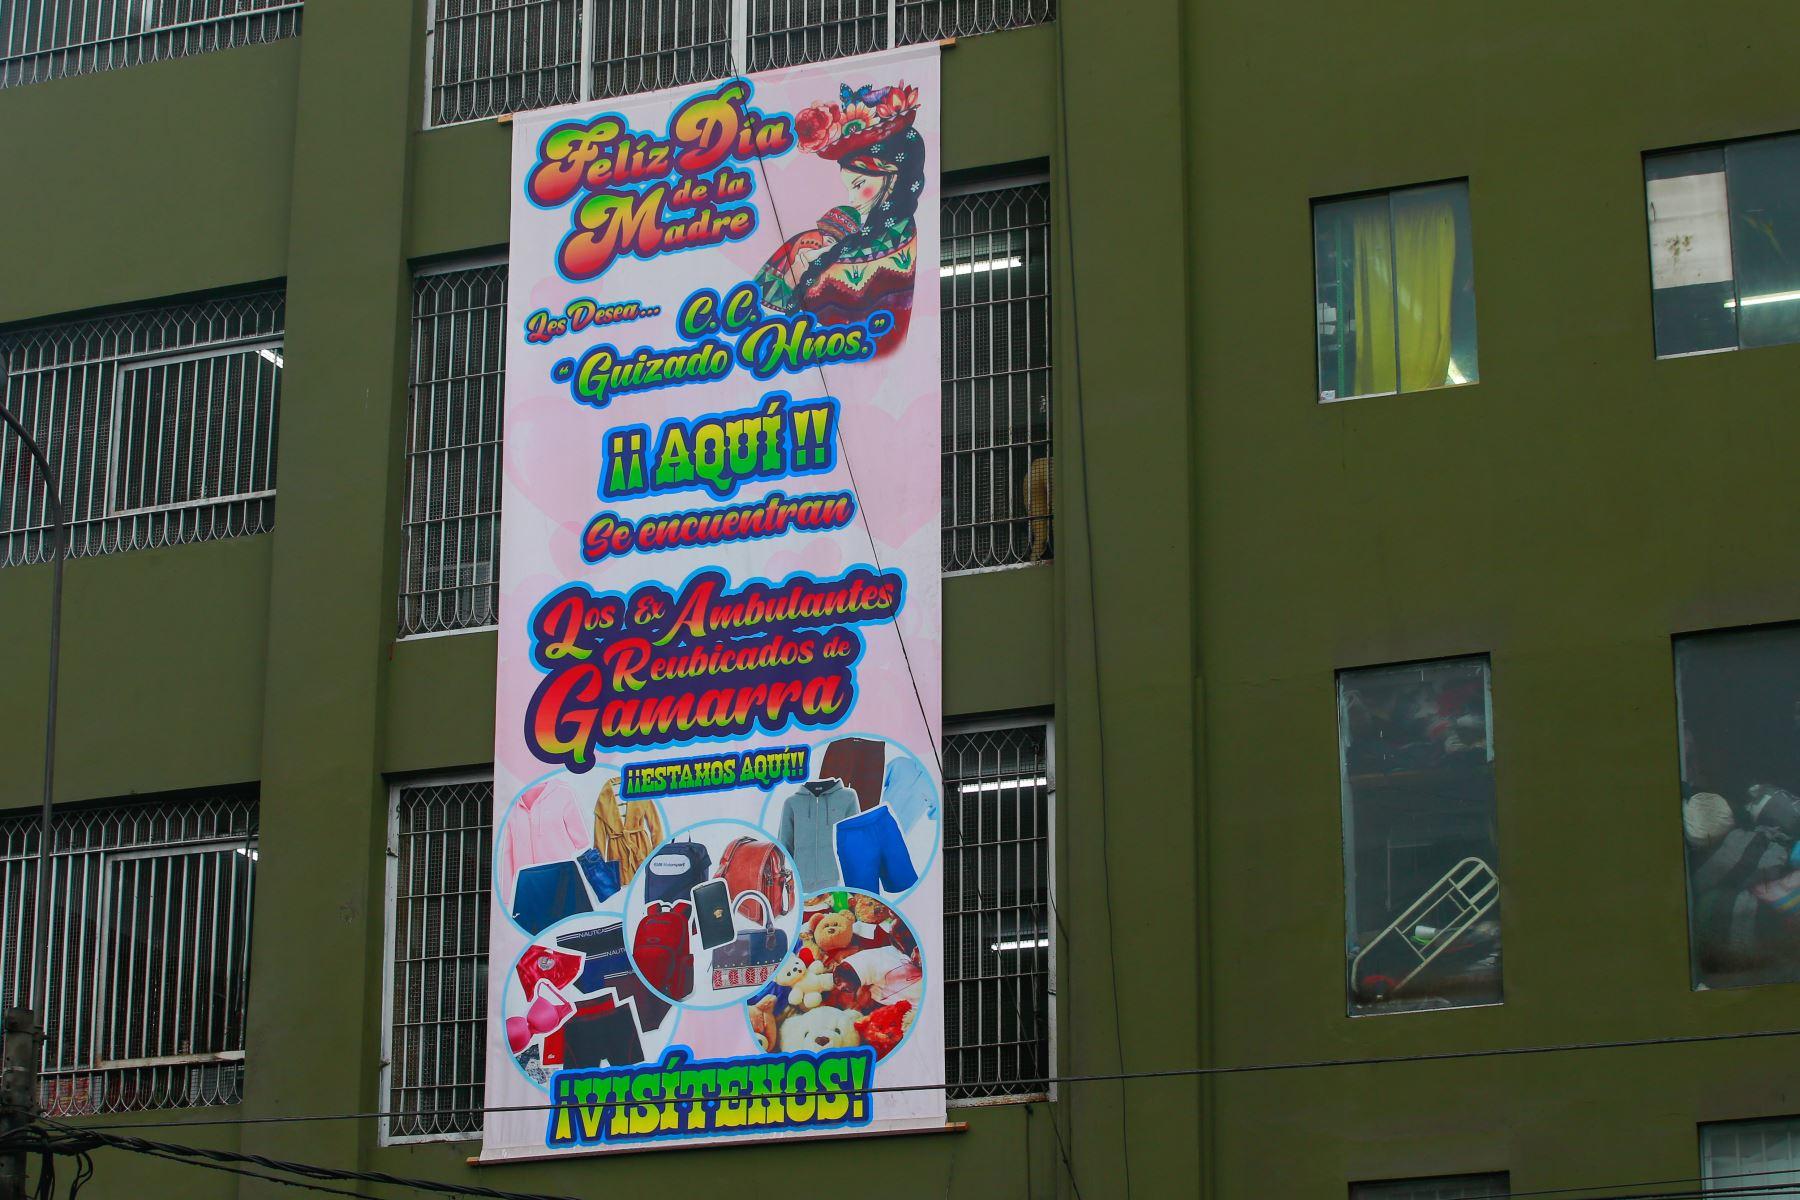 La municipalidad de La Victoria entregó hoy 500 puestos para ambulantes formalizados en un local comercial ubicado en el cruce de las avenidas 28 de Julio y Huánuco, dentro del emporio de Gamarra, informó el alcalde George Forsyth. Foto: ANDINA/ Hector Vinces